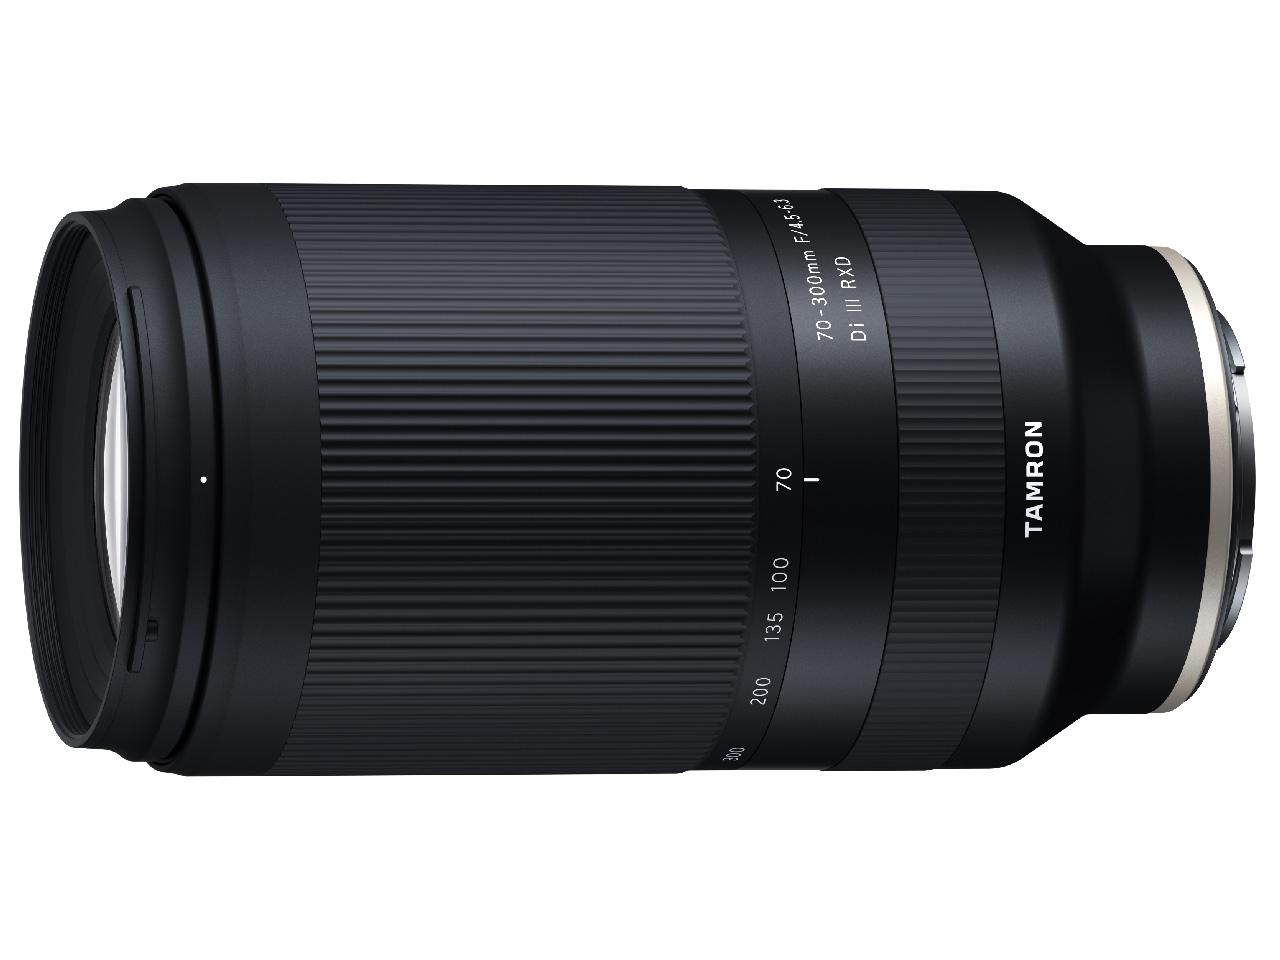 【セール】 70-300mm F III/4.5-6.3 Di III RXD (Model (Model A047)ソニー用 F/4.5-6.3/タムロン, アンティナギフトスタジオ:1c9816ac --- superbirkin.com